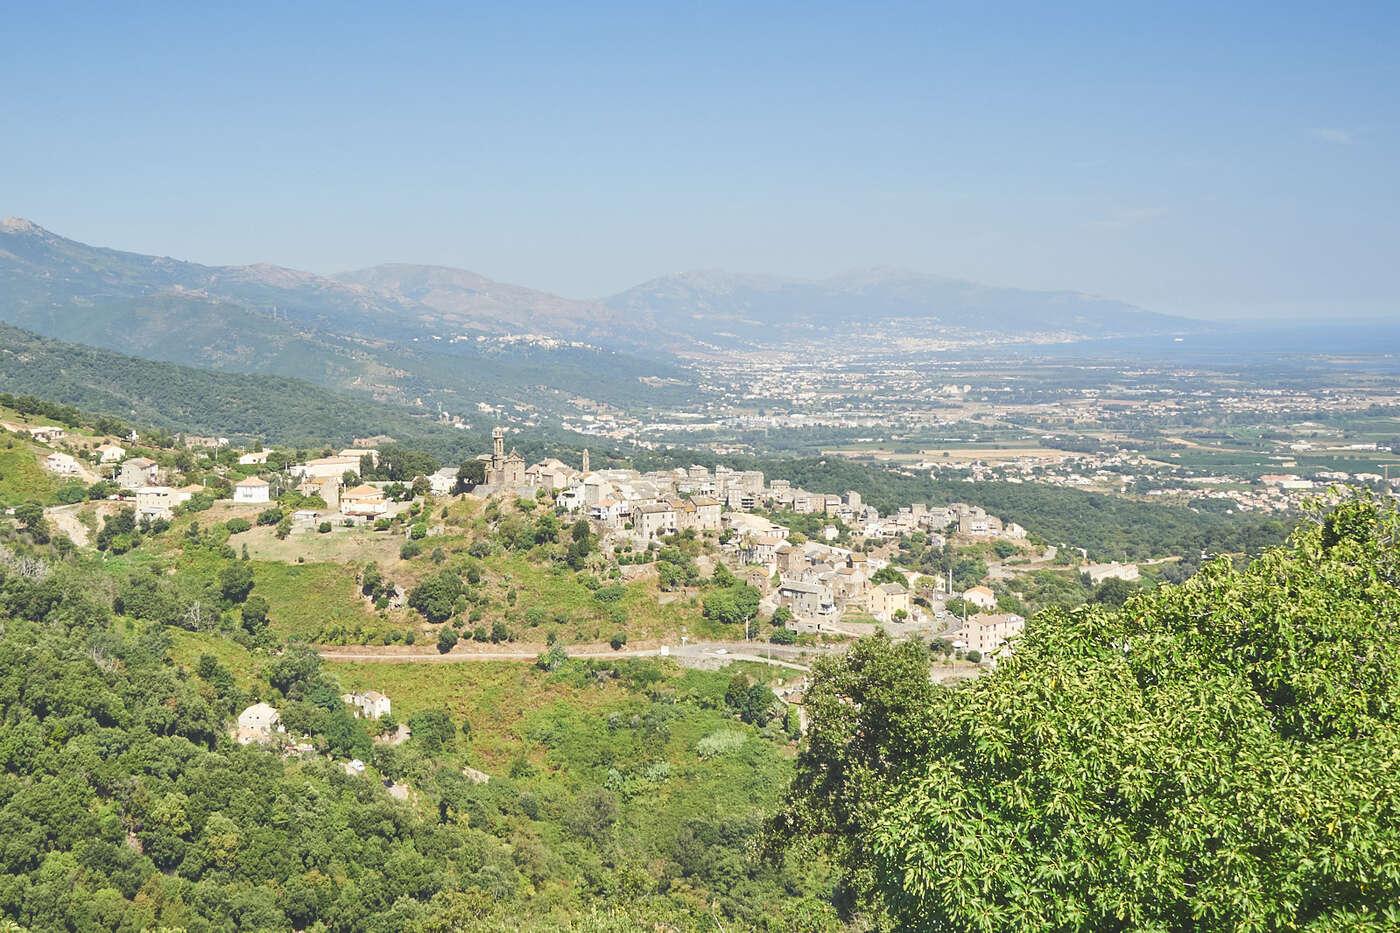 Vue de la vallée depuis Penta-di-Casinca, en Corse